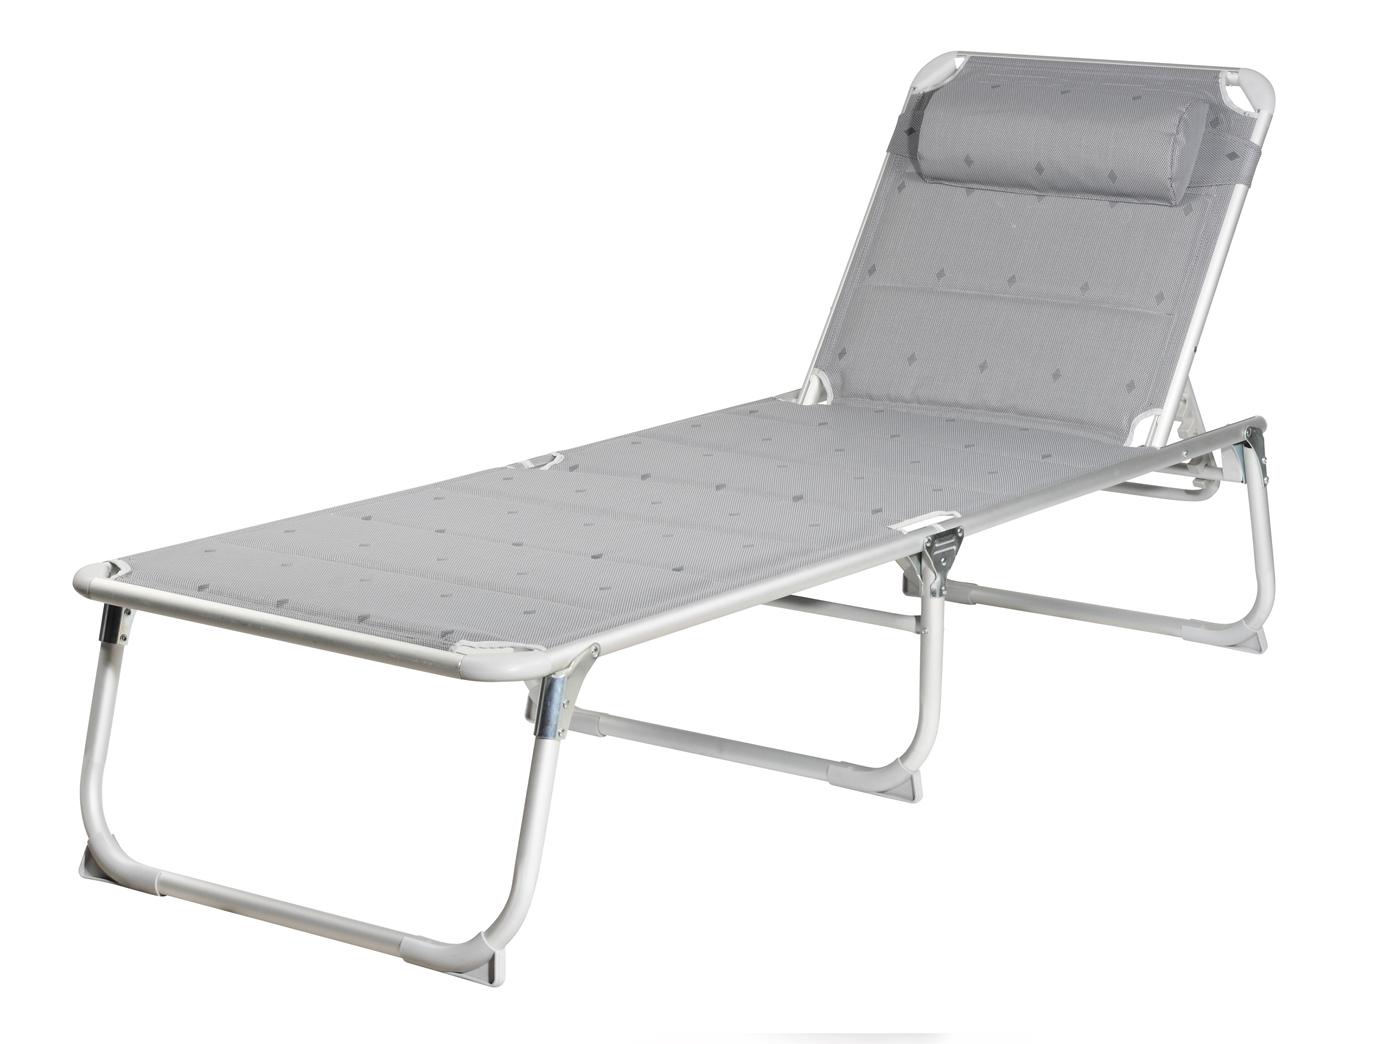 Gartenliege klappbar  Klappbare graue Sonnenliege bis 120kg faltbar Strandliege Relaxliege ...